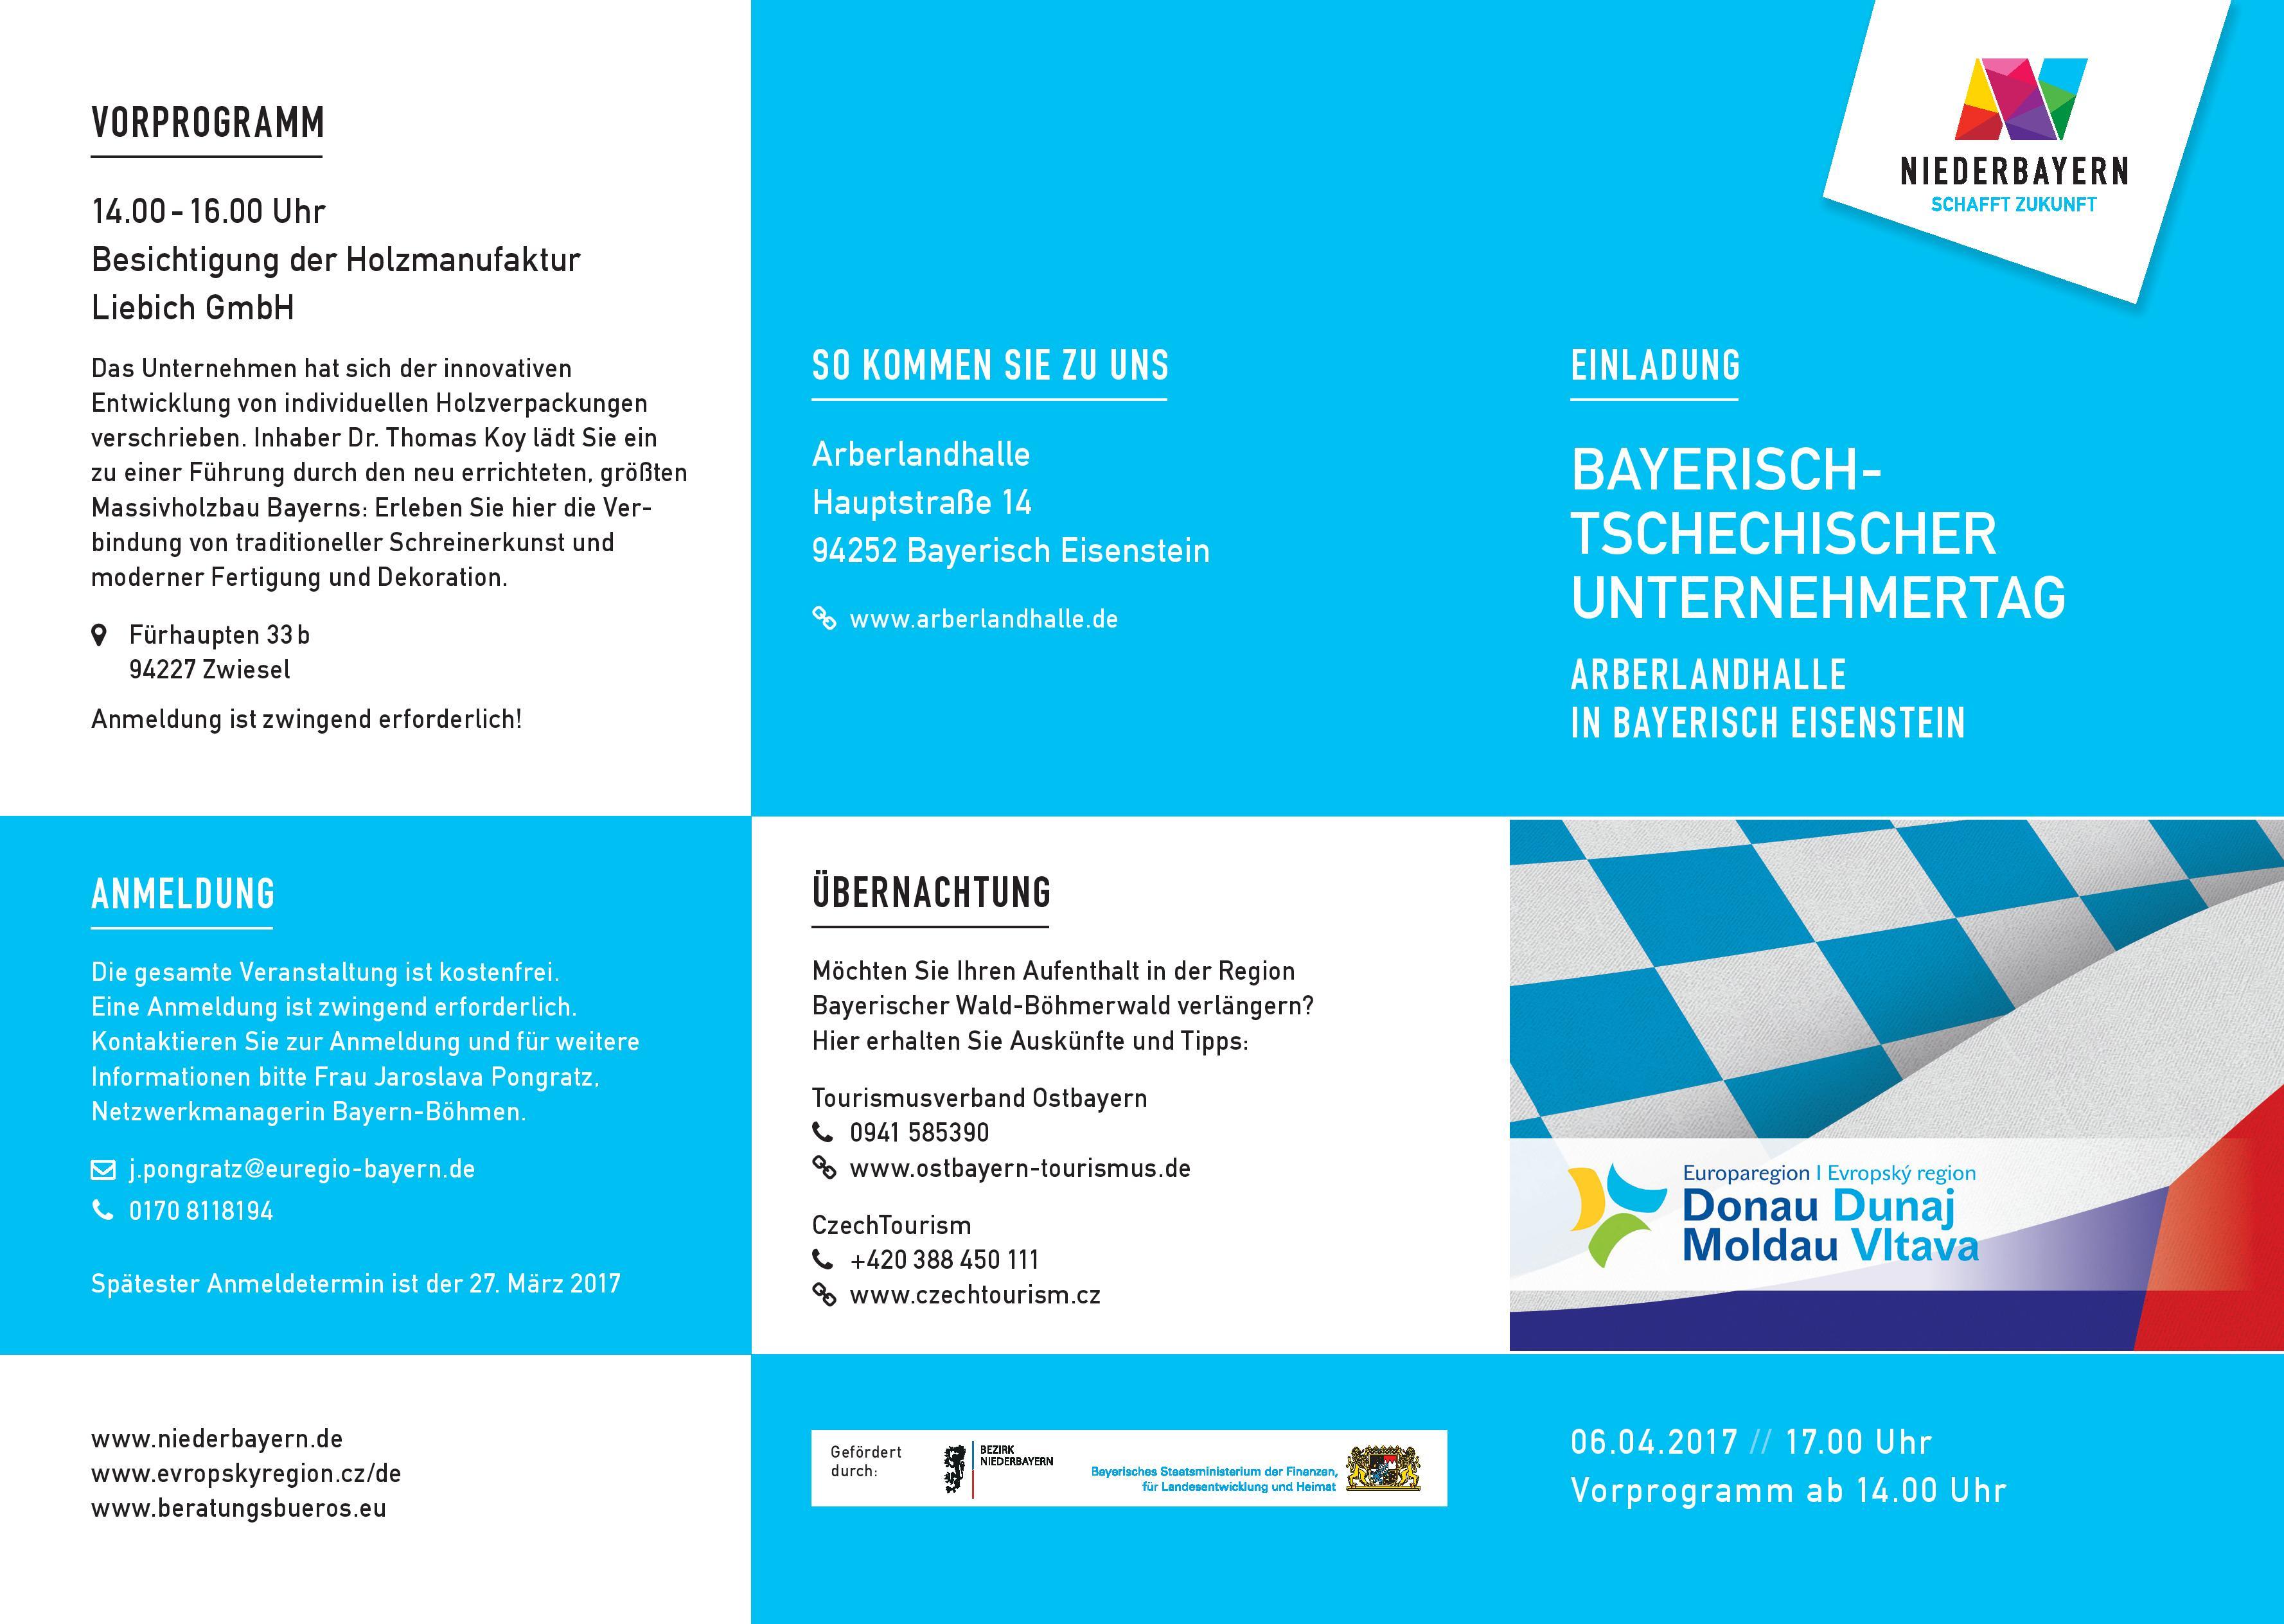 einladung-bayerisch-tschechischer-unternehmertag-am-06-04-2017-page-001